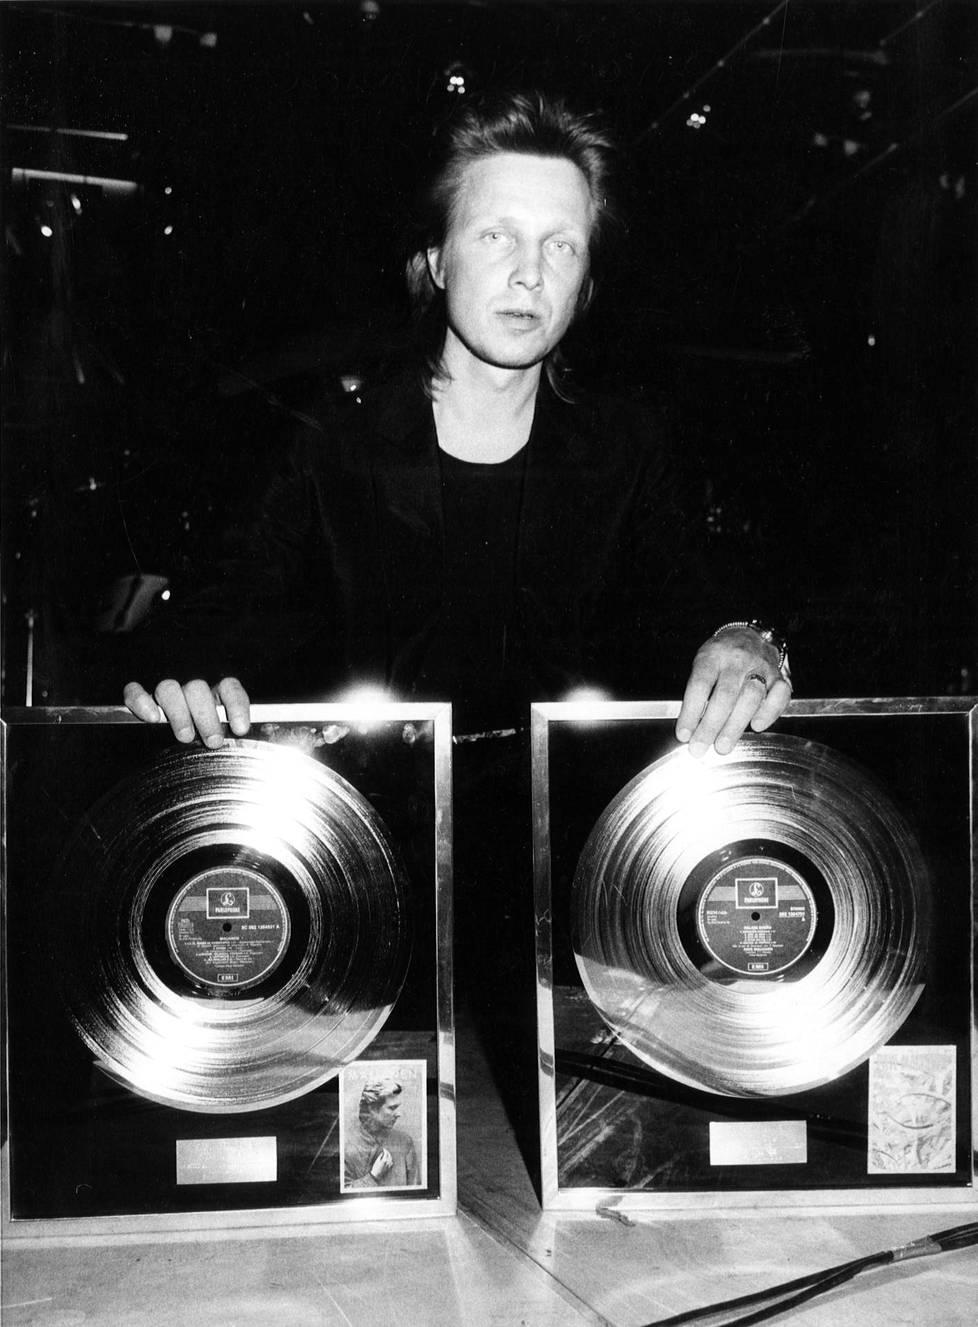 Pave Maijanen teki pitkän ja monipuolisen muusikon uran, ja hänet palkittiin lukuisilla palkinnoilla. Vuonna 1986 hänelle ojennettin timanttilevyt sooloalbumeista Maijanen (1984) ja Palava sydän (1985).